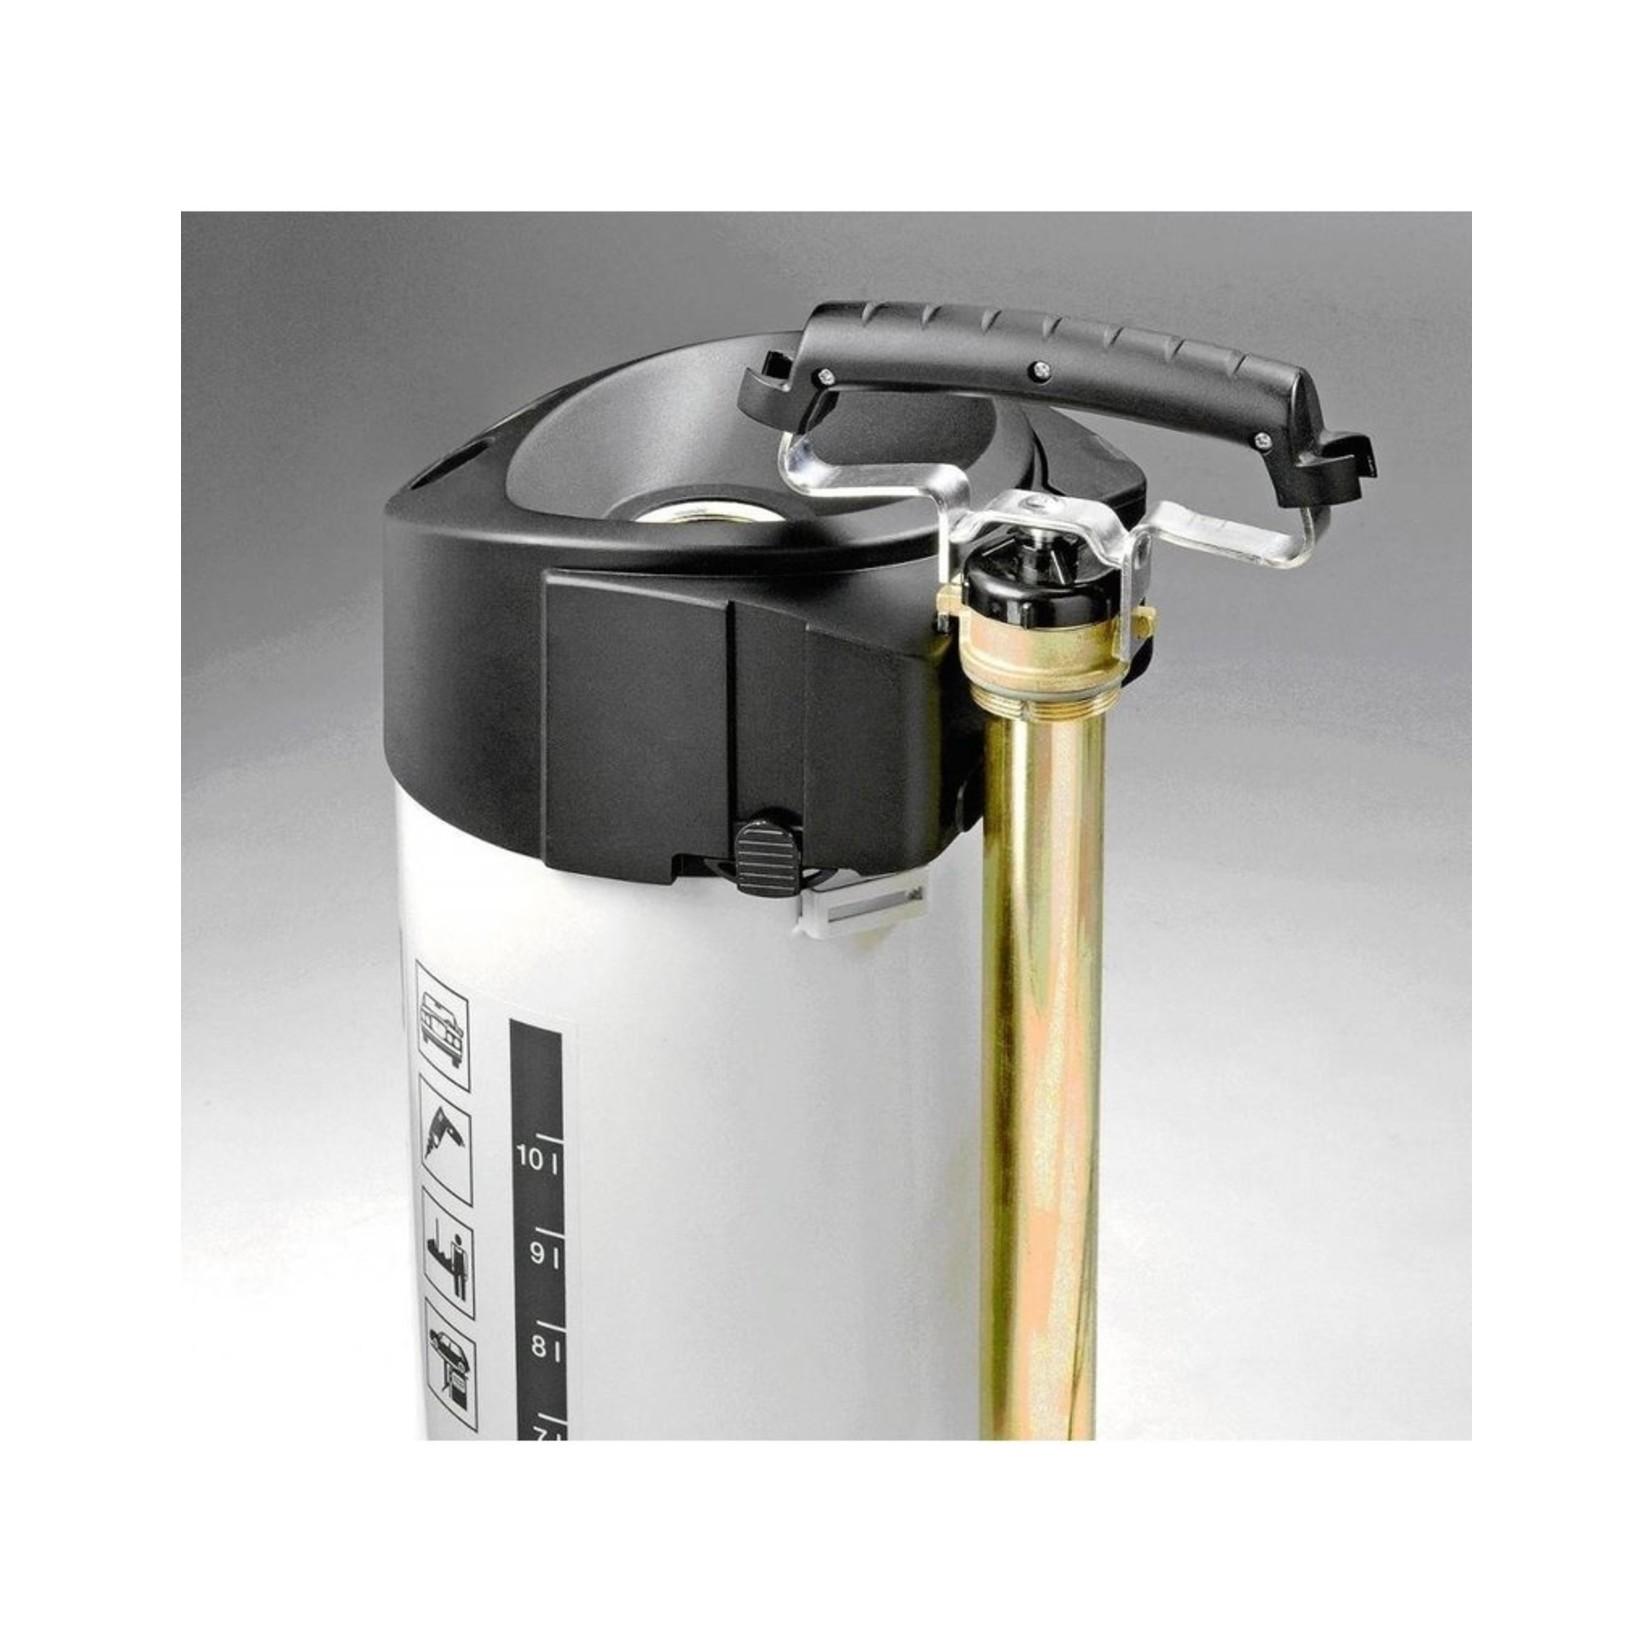 Gloria Industrie Hogedrukspuit Staal 405TK Profiline (5 liter) met Compressoraansluiting